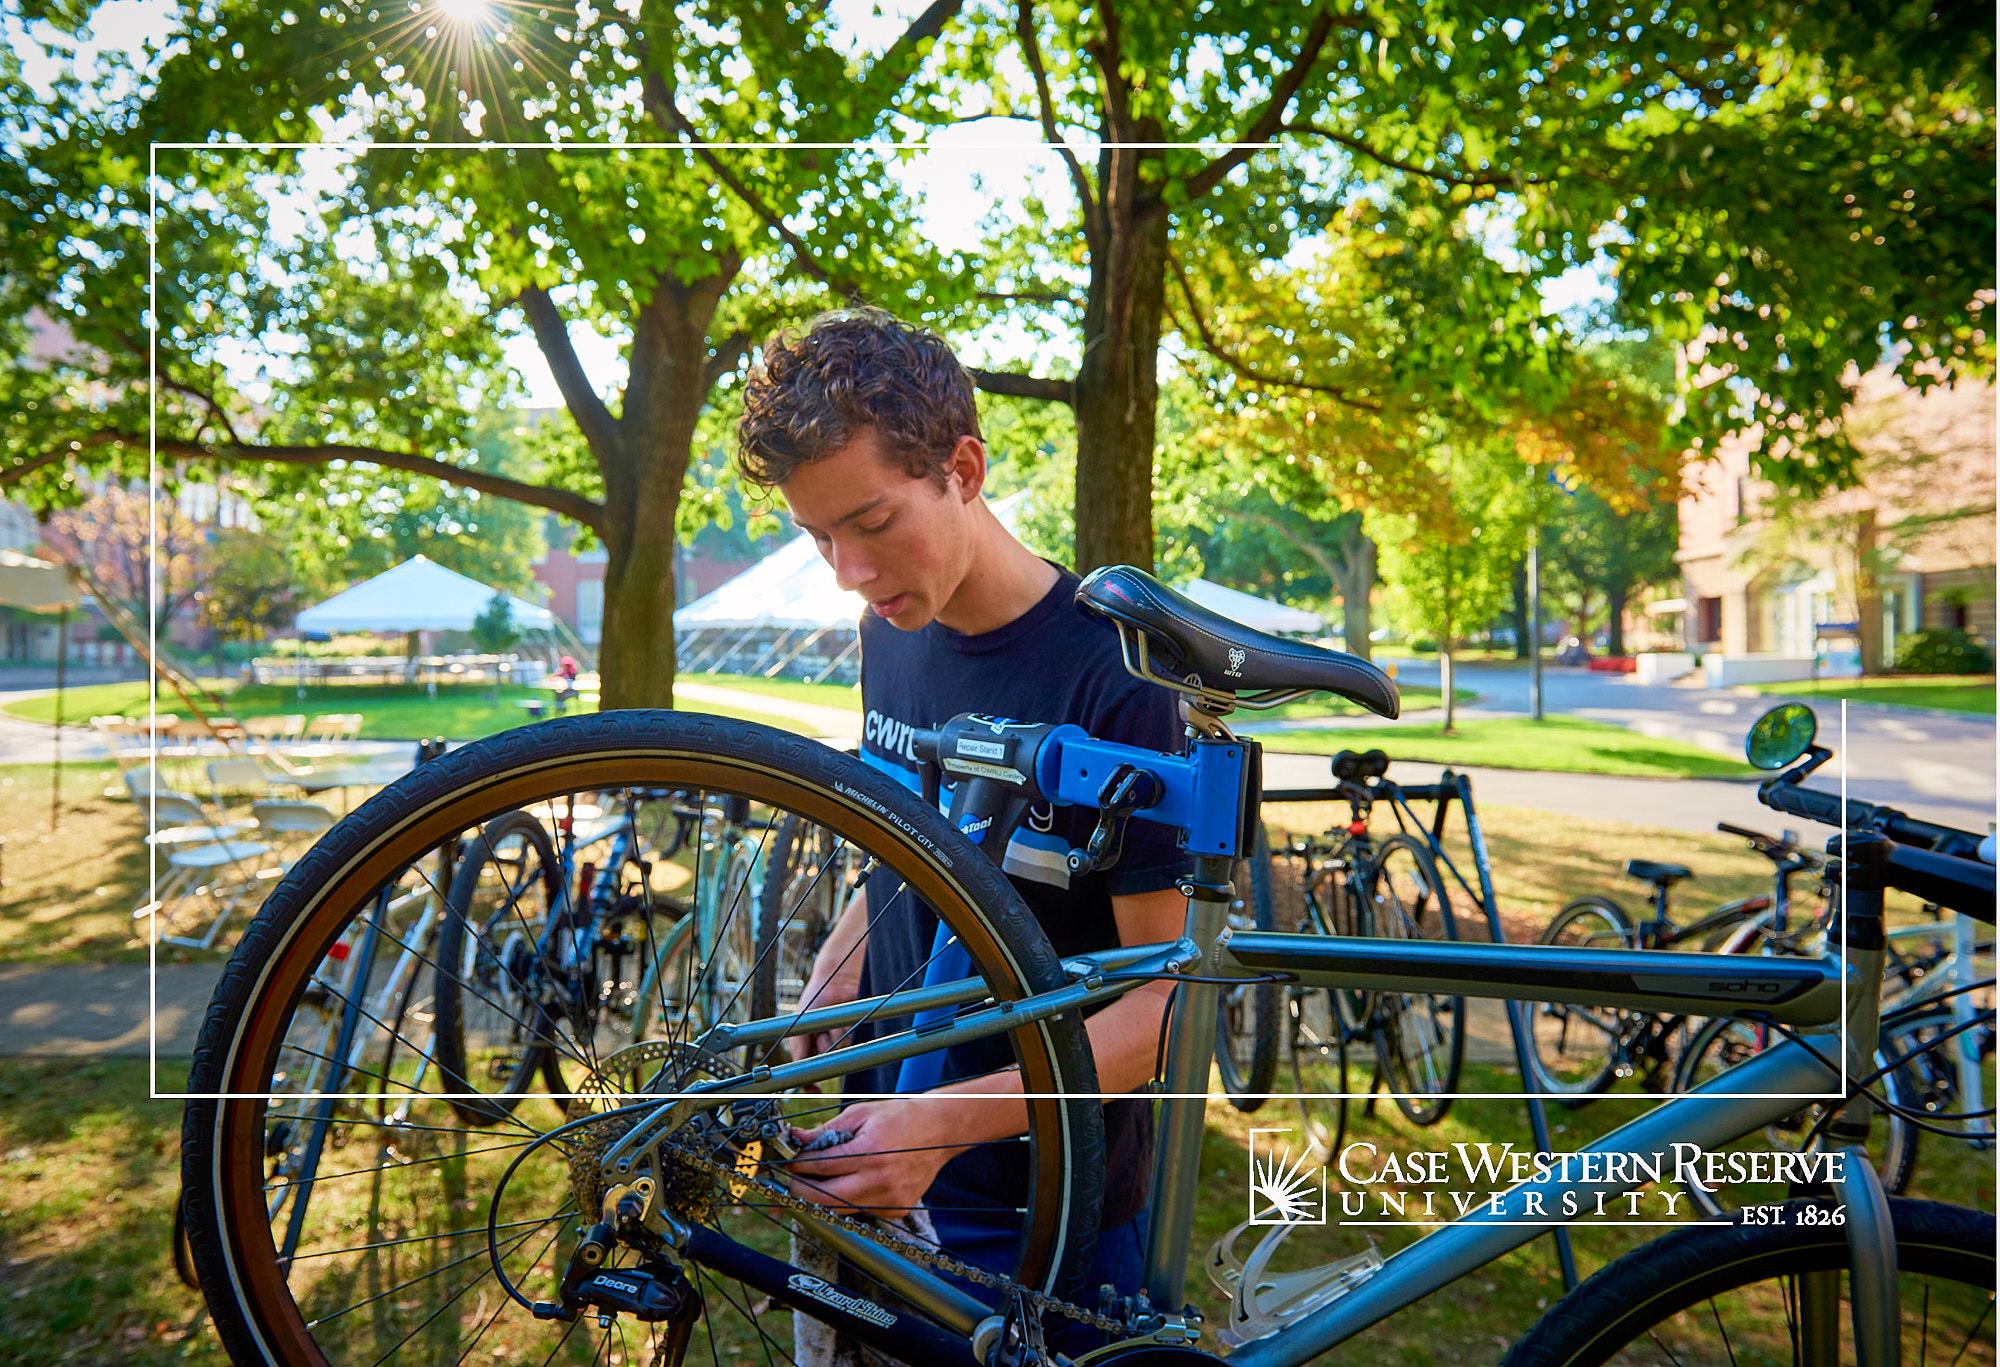 studentlife_bike_51018_Page_1.jpg